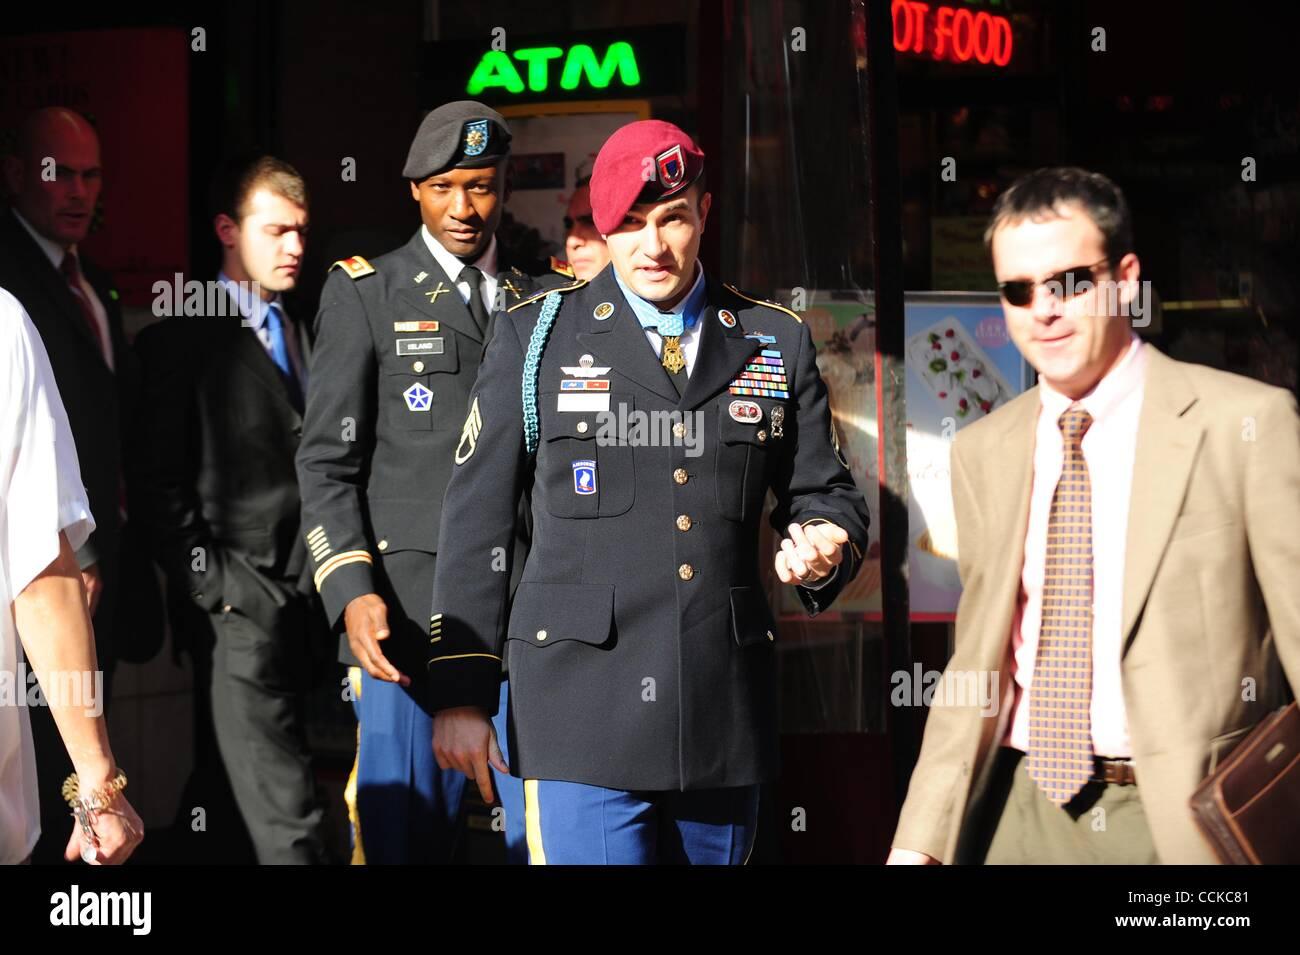 Nov  22, 2010 - Manhattan, New York, U S  - Congressional